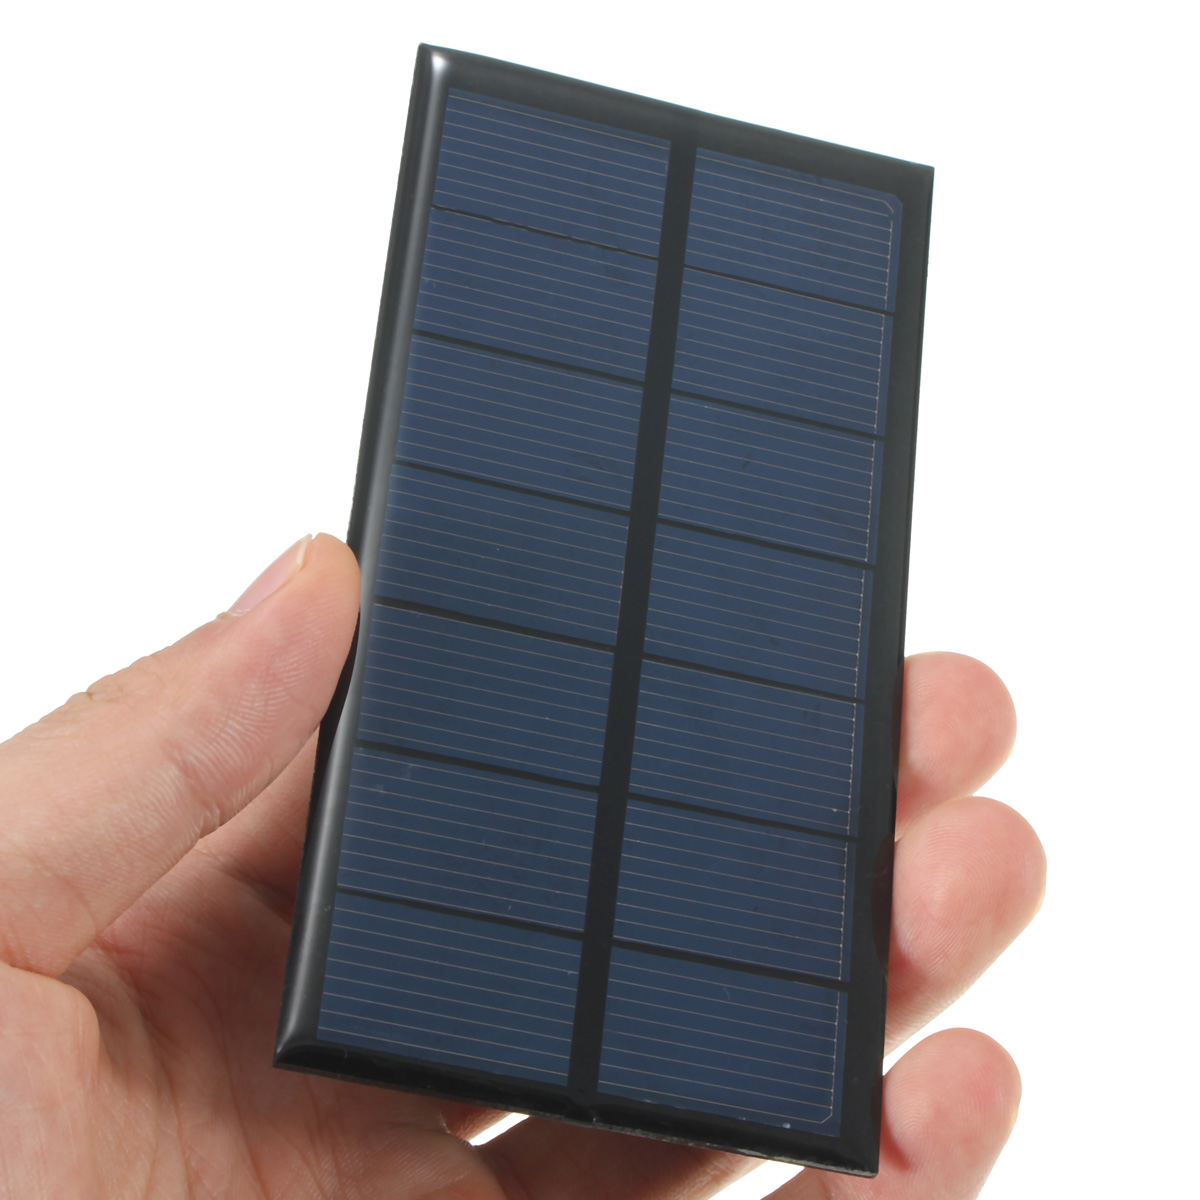 Pannello Solare Per Caricare Batteria Auto : Molti tipi pannello solare fotovoltaico ideale for auto